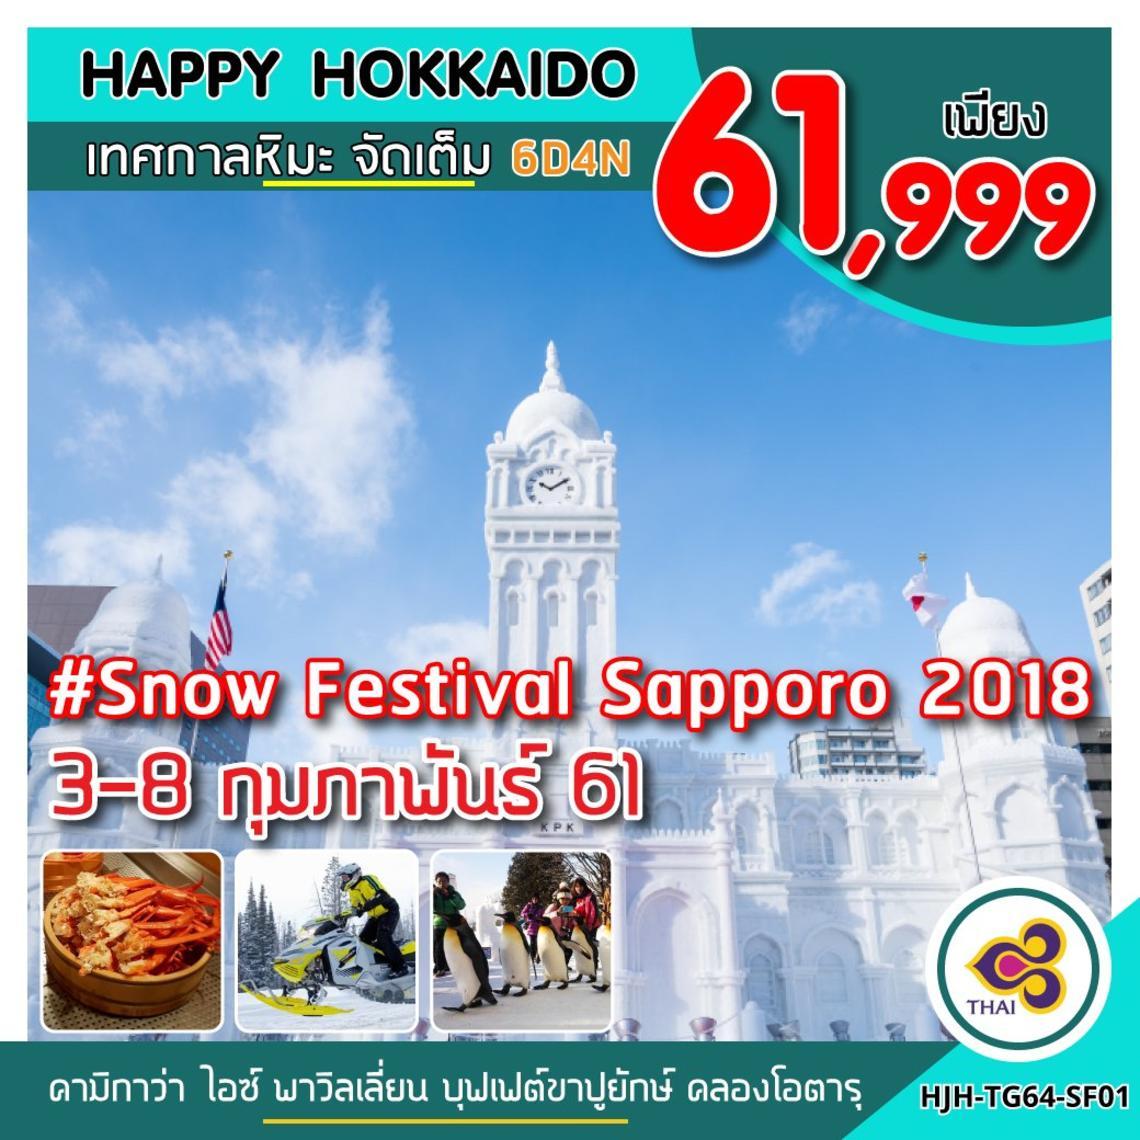 ทัวร์ฮอกไกโด snow festival sapporo 2018